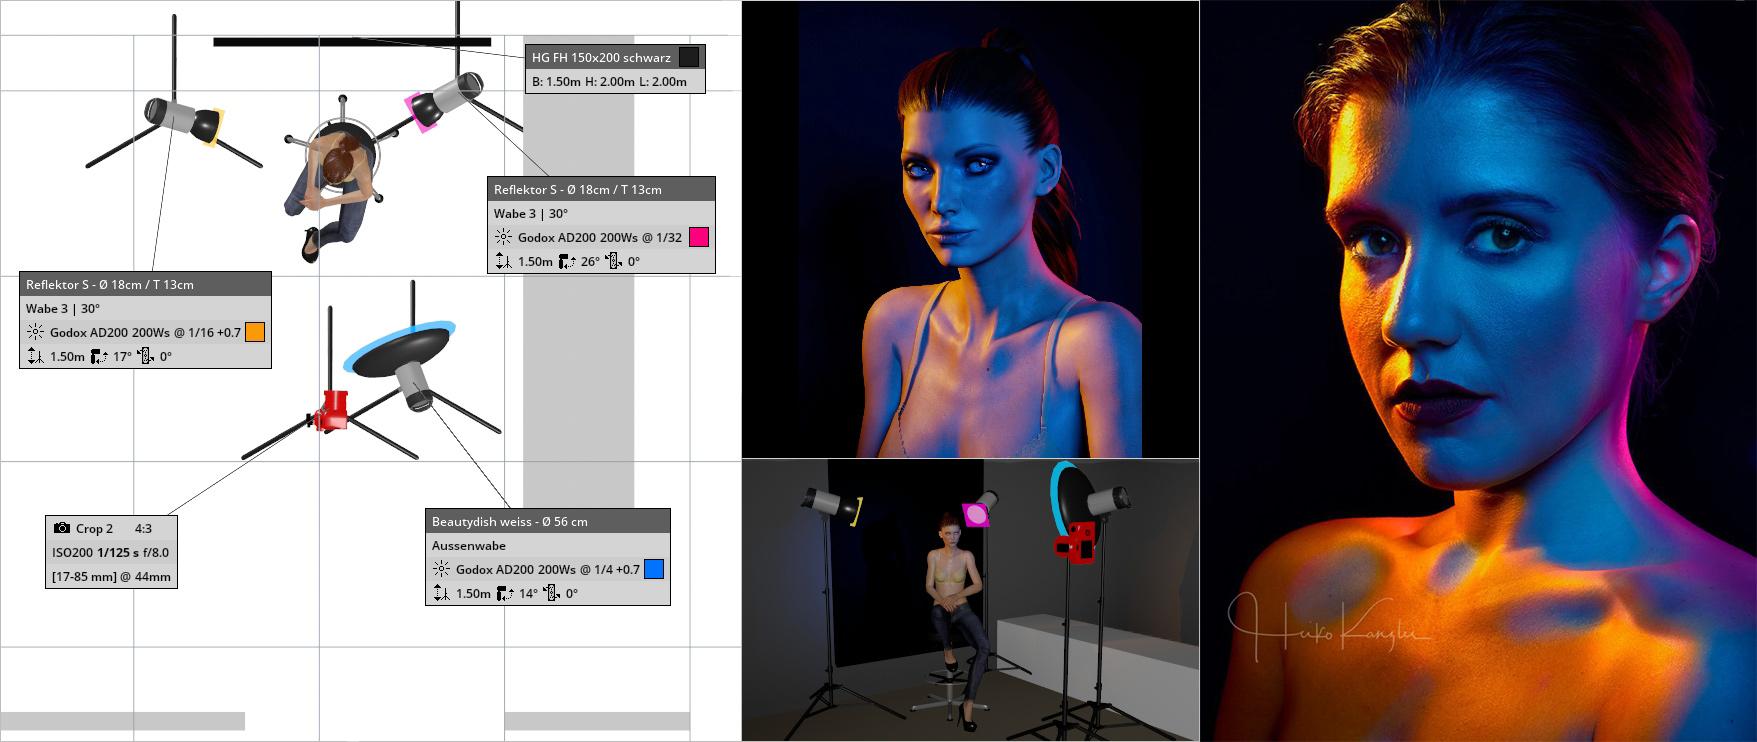 heiko-kanzler-setplan-ergebnisfoto-farbigeslicht